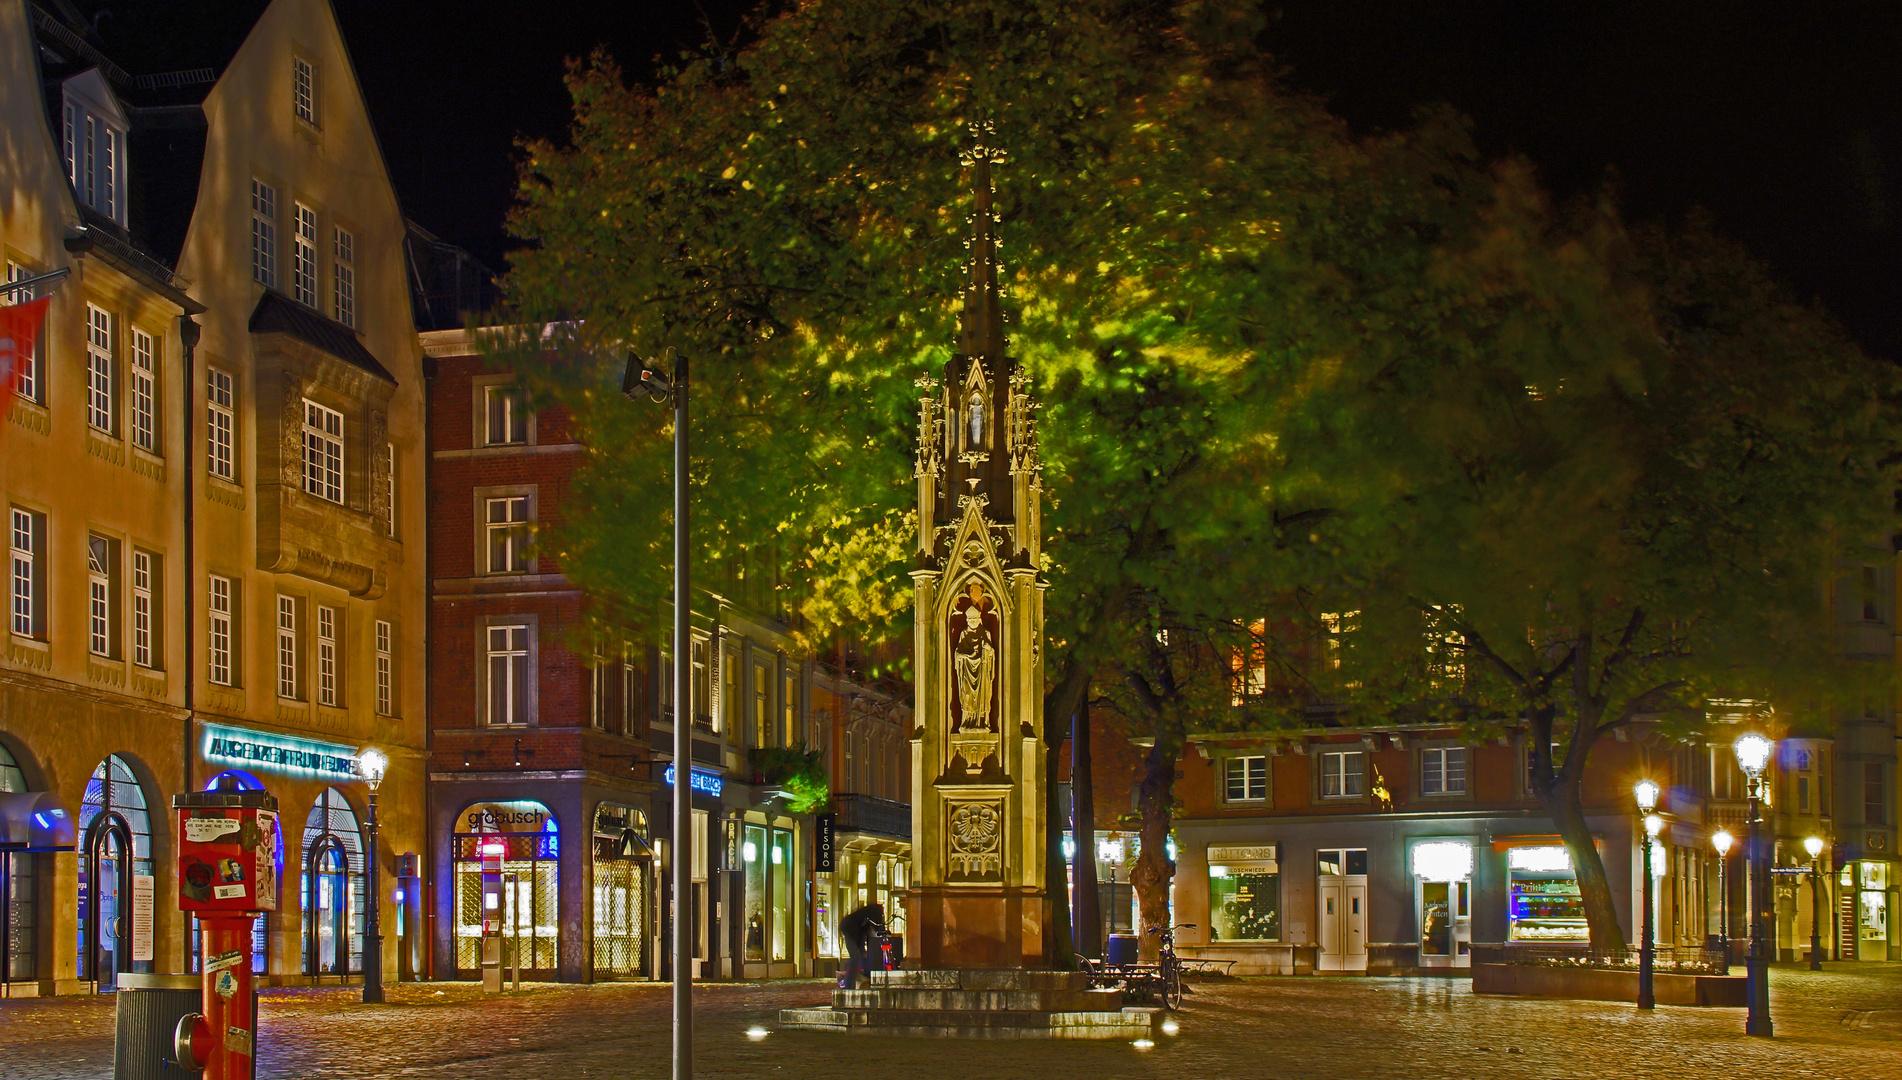 Rückseite vom Dom in Aachen